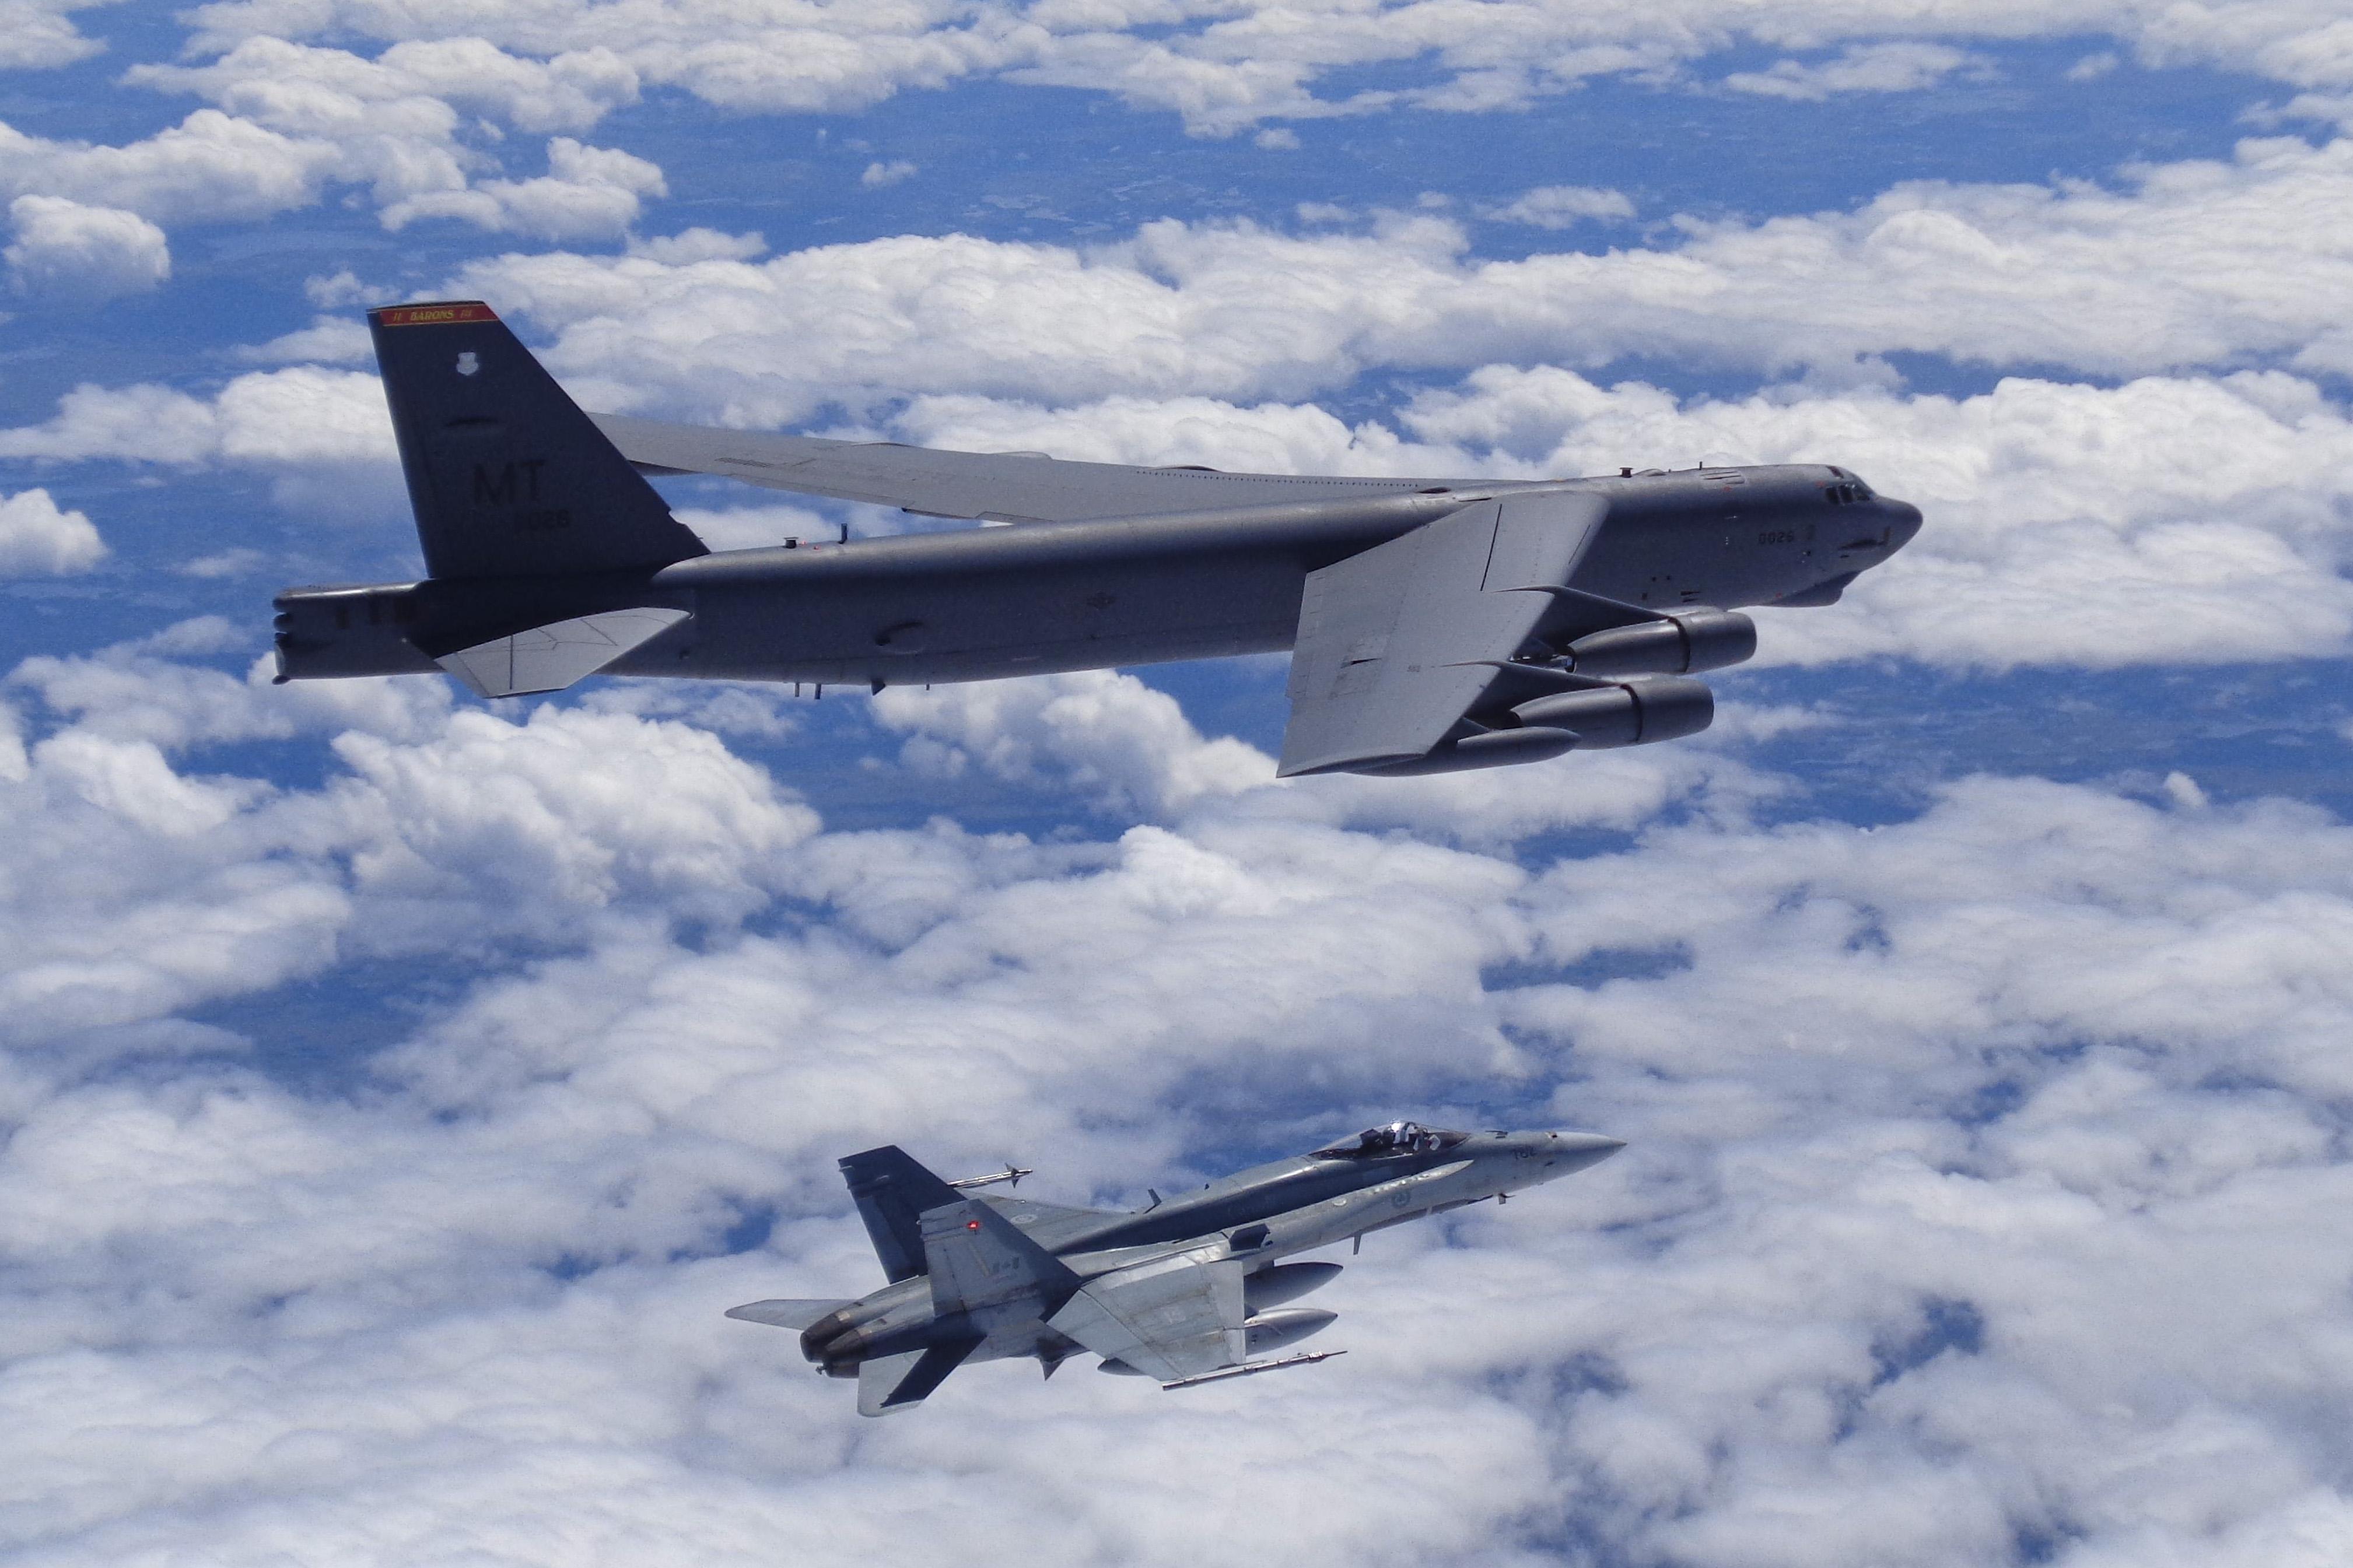 B-52 and CF-18